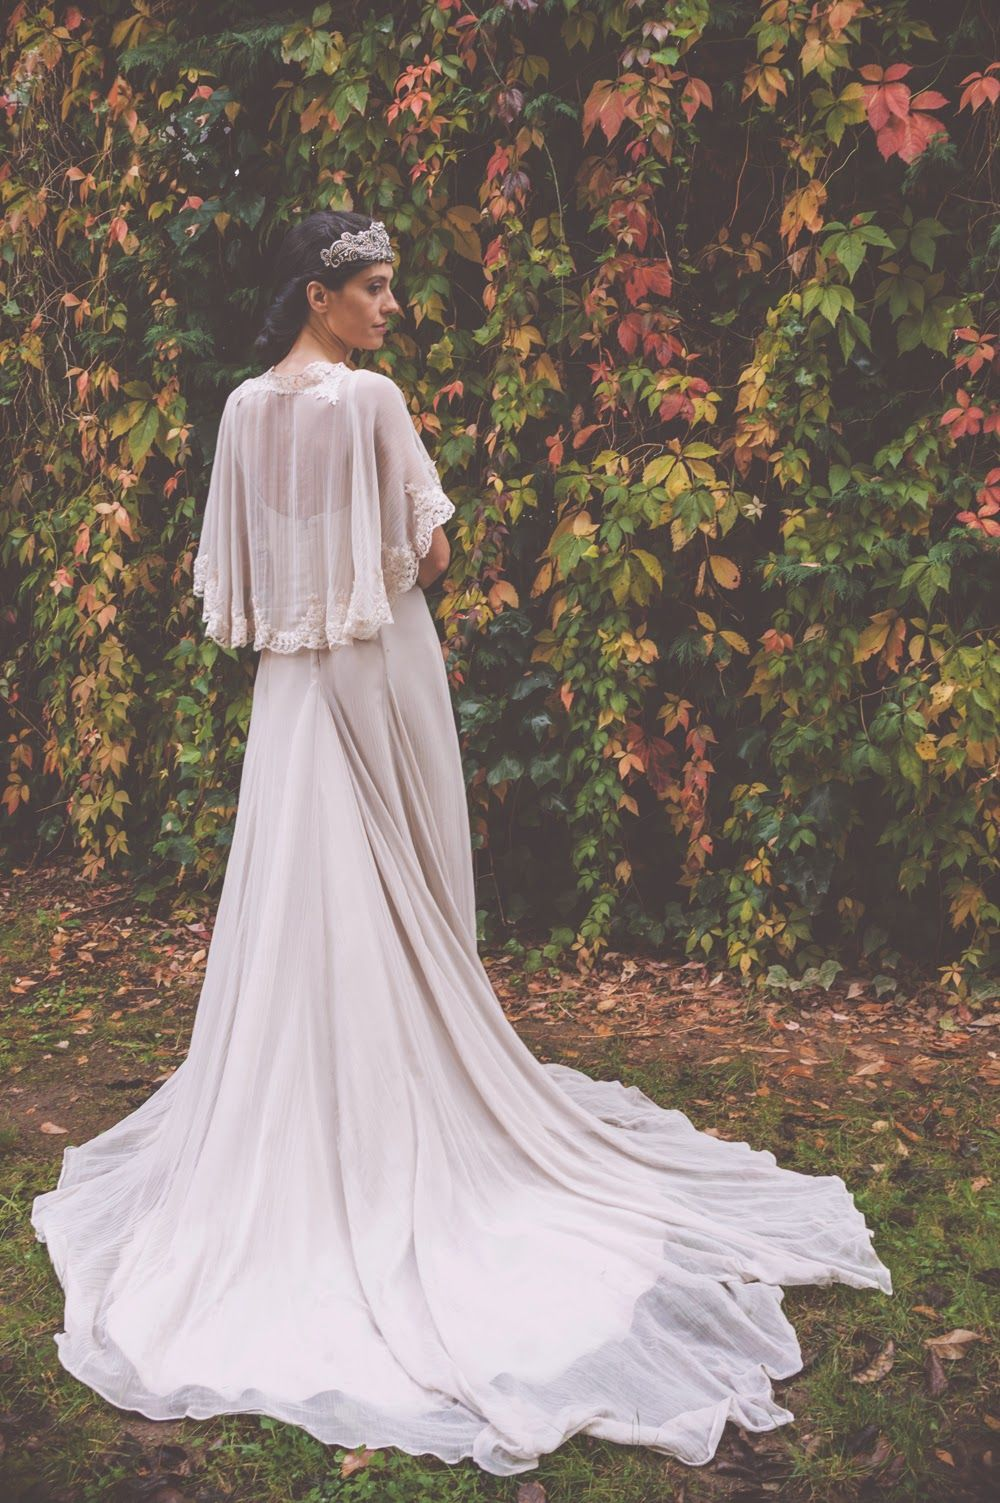 vestido de novia bouret | Vestido de boda bohemio, Vestidos